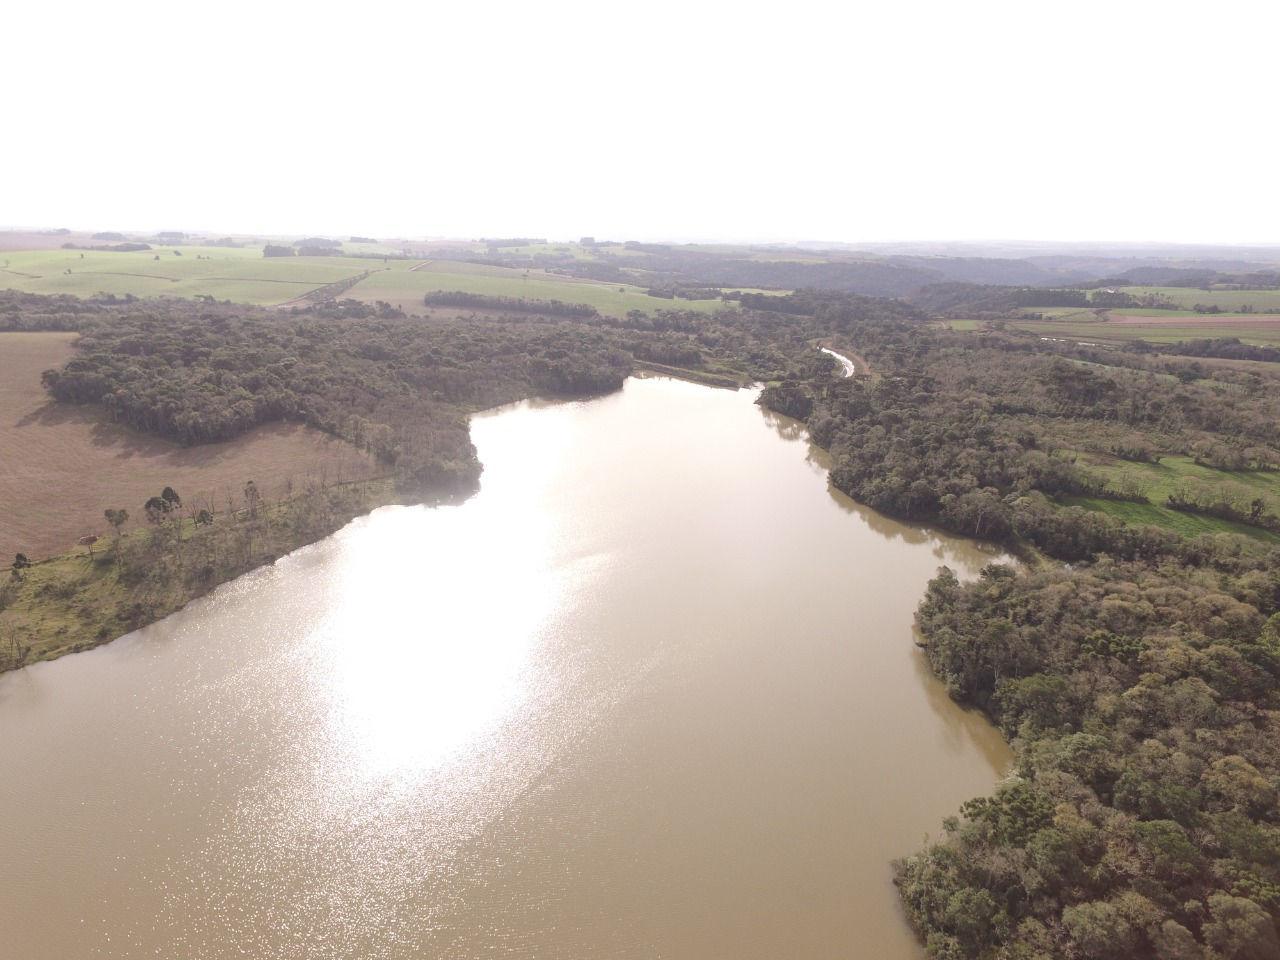 Imagen de Proyecto MDL de los PCHs Albano Machado y Rio dos Índios (JUN1115)